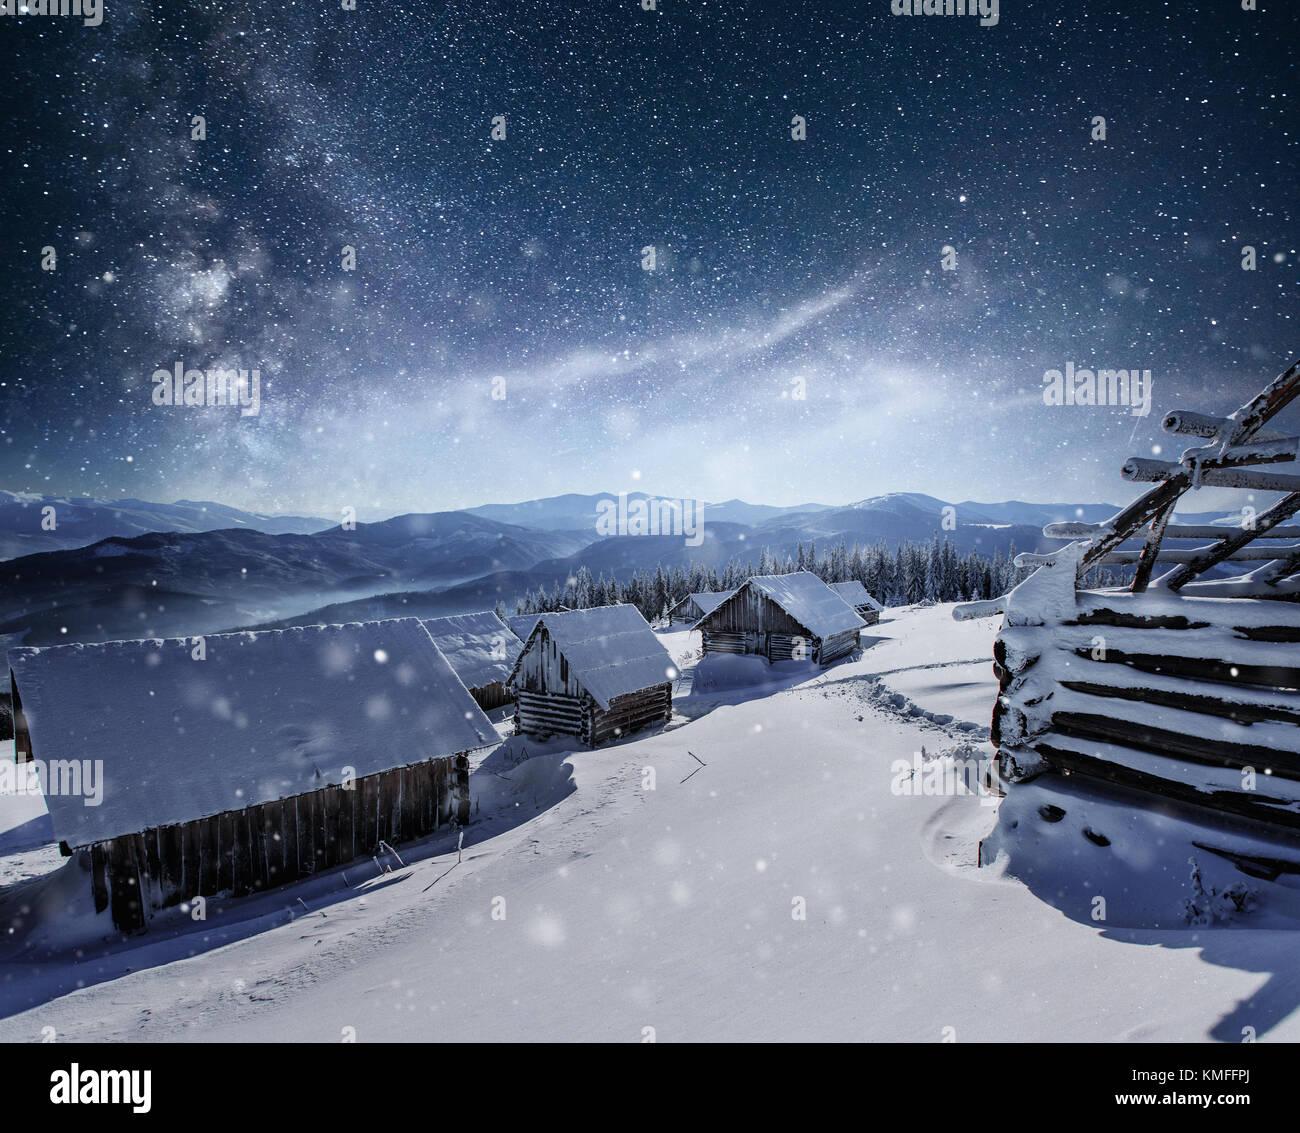 Nacht mit Sternen. Weihnachten Landschaft. Holz- Haus im Bergdorf ...